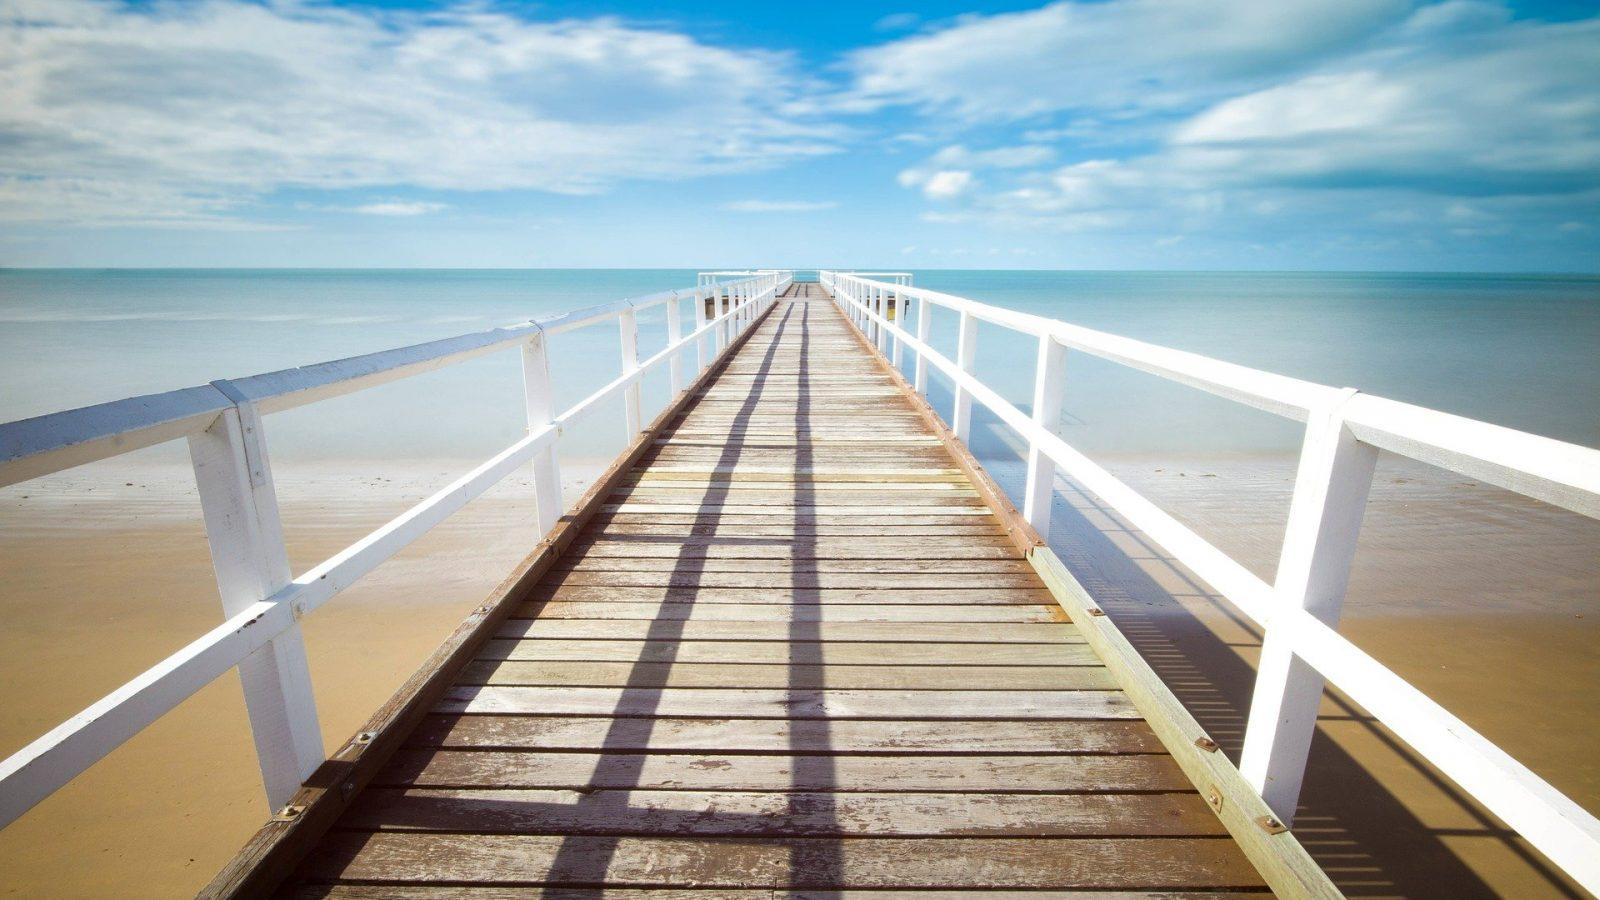 Pontile da spiaggia verso il mare